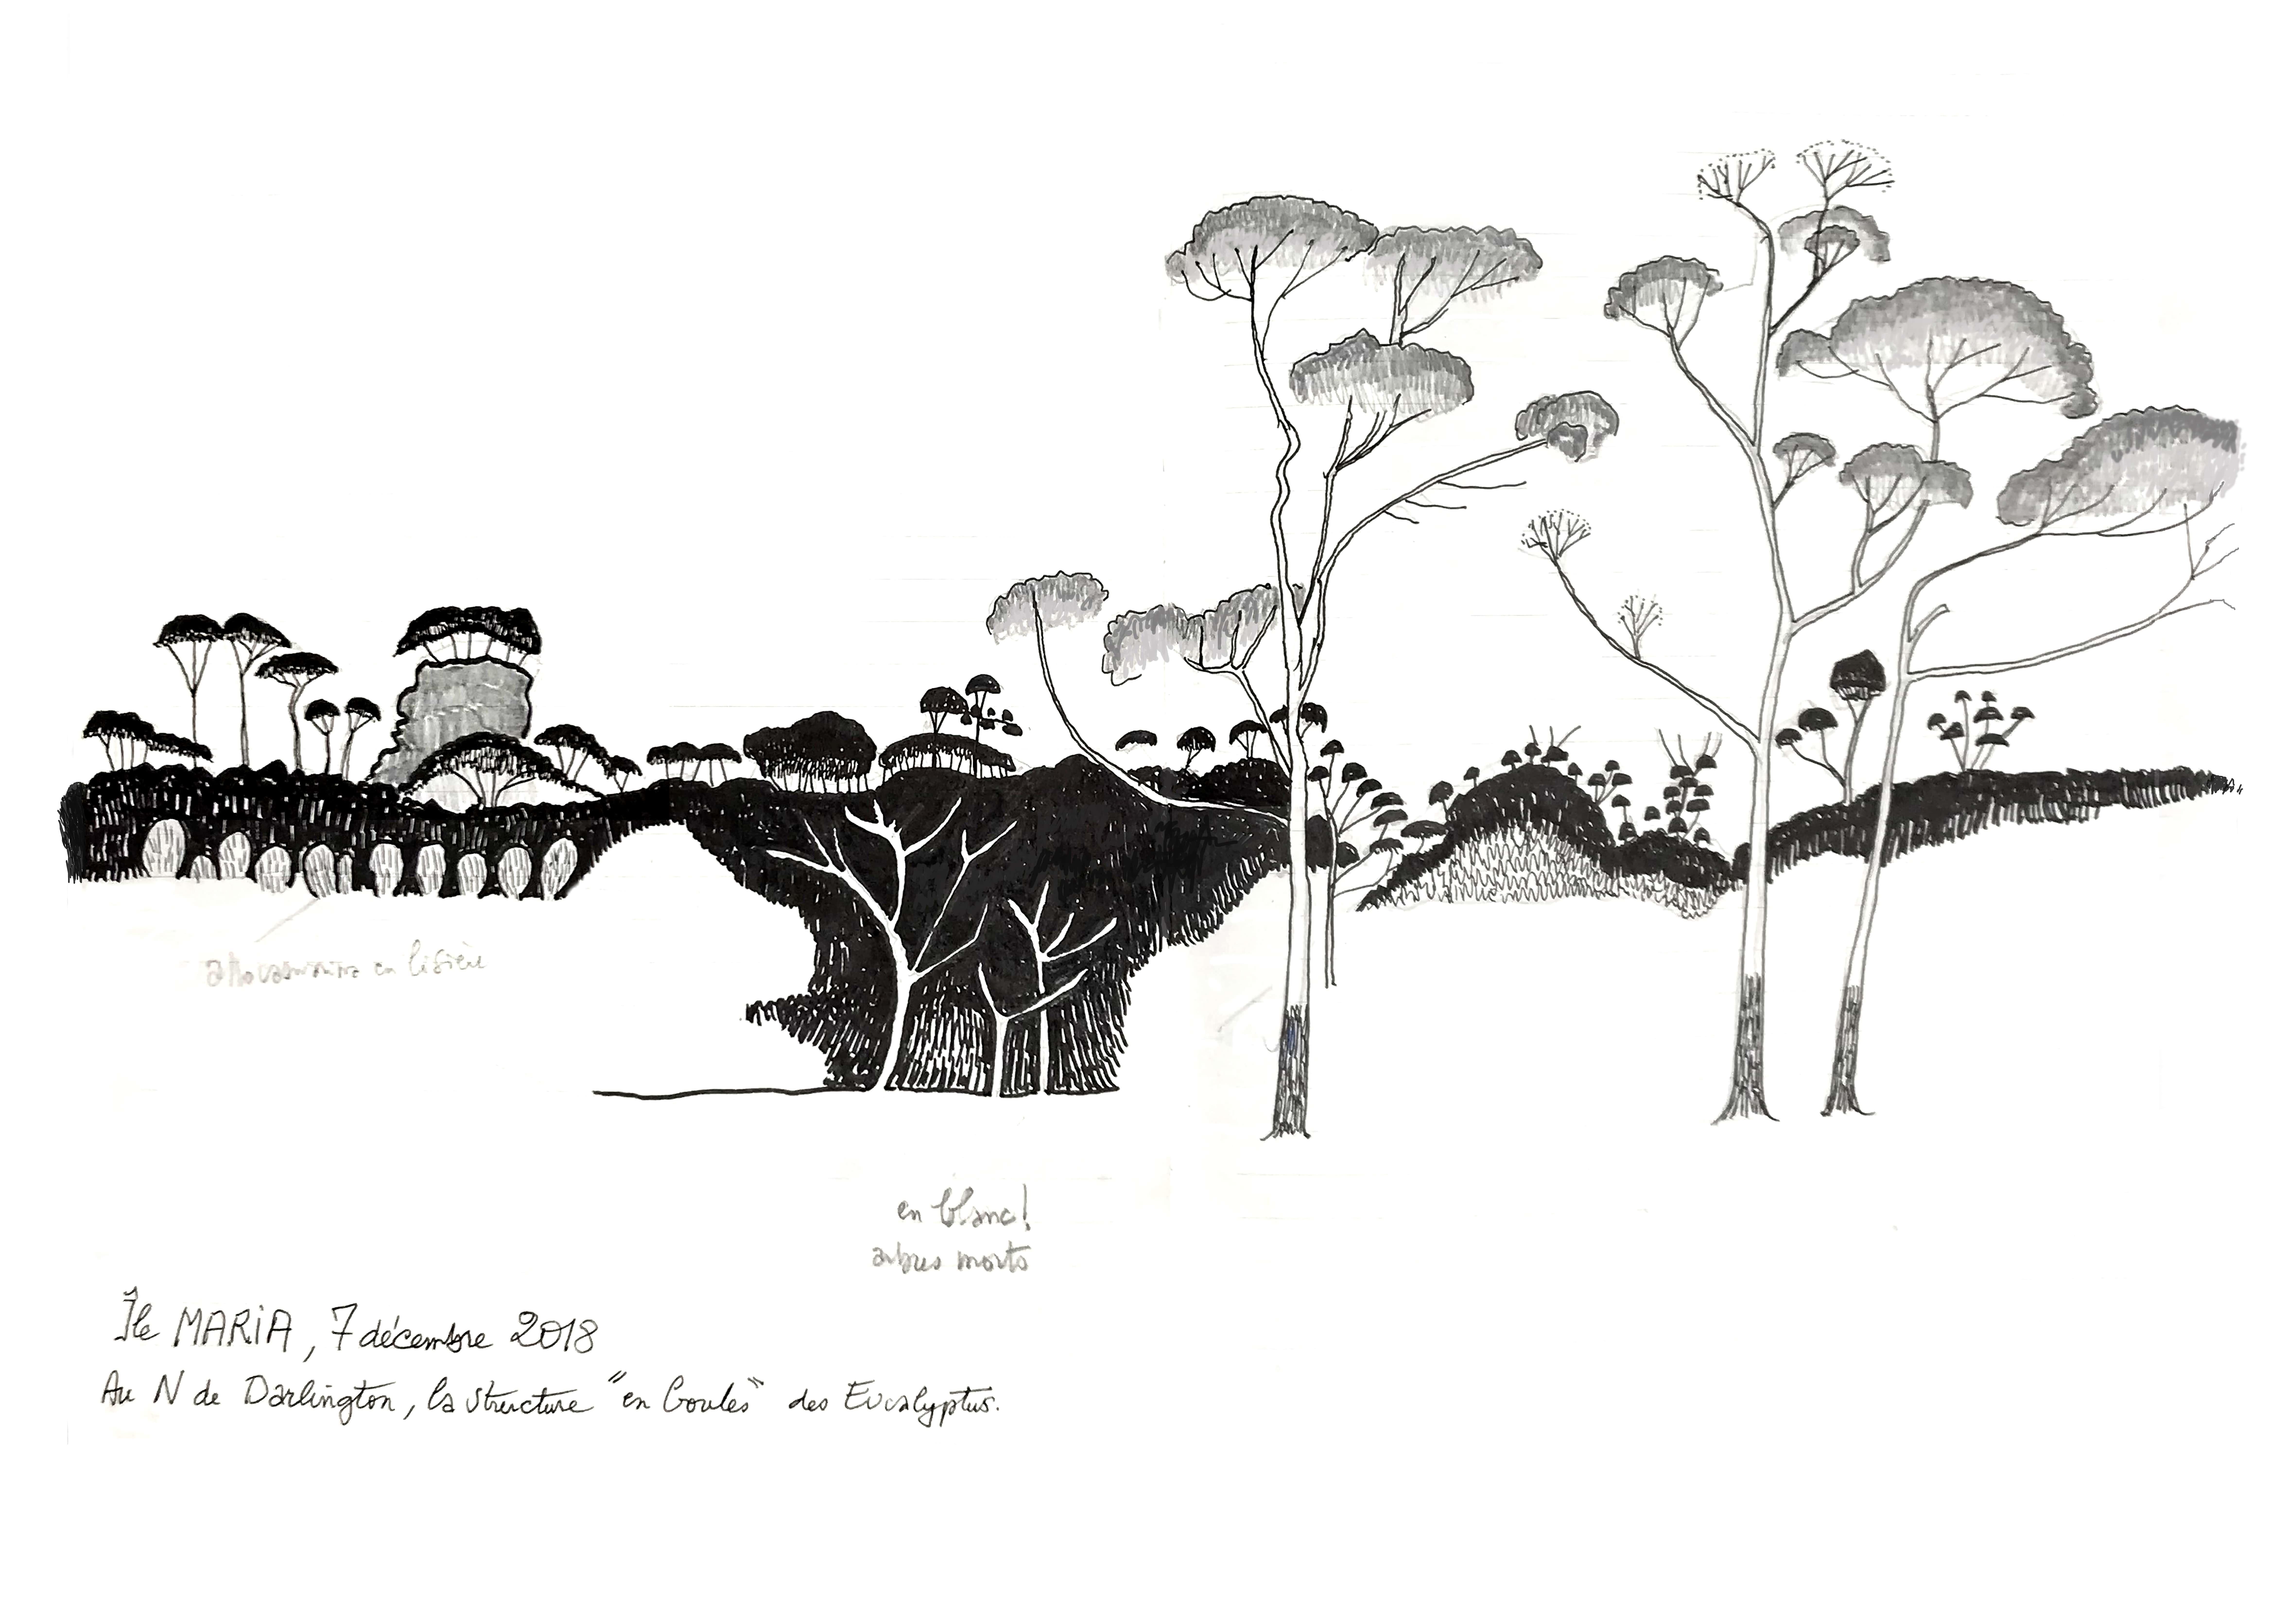 dessin de Francis Hallé datant de 2018 représentant des Eucalyptus